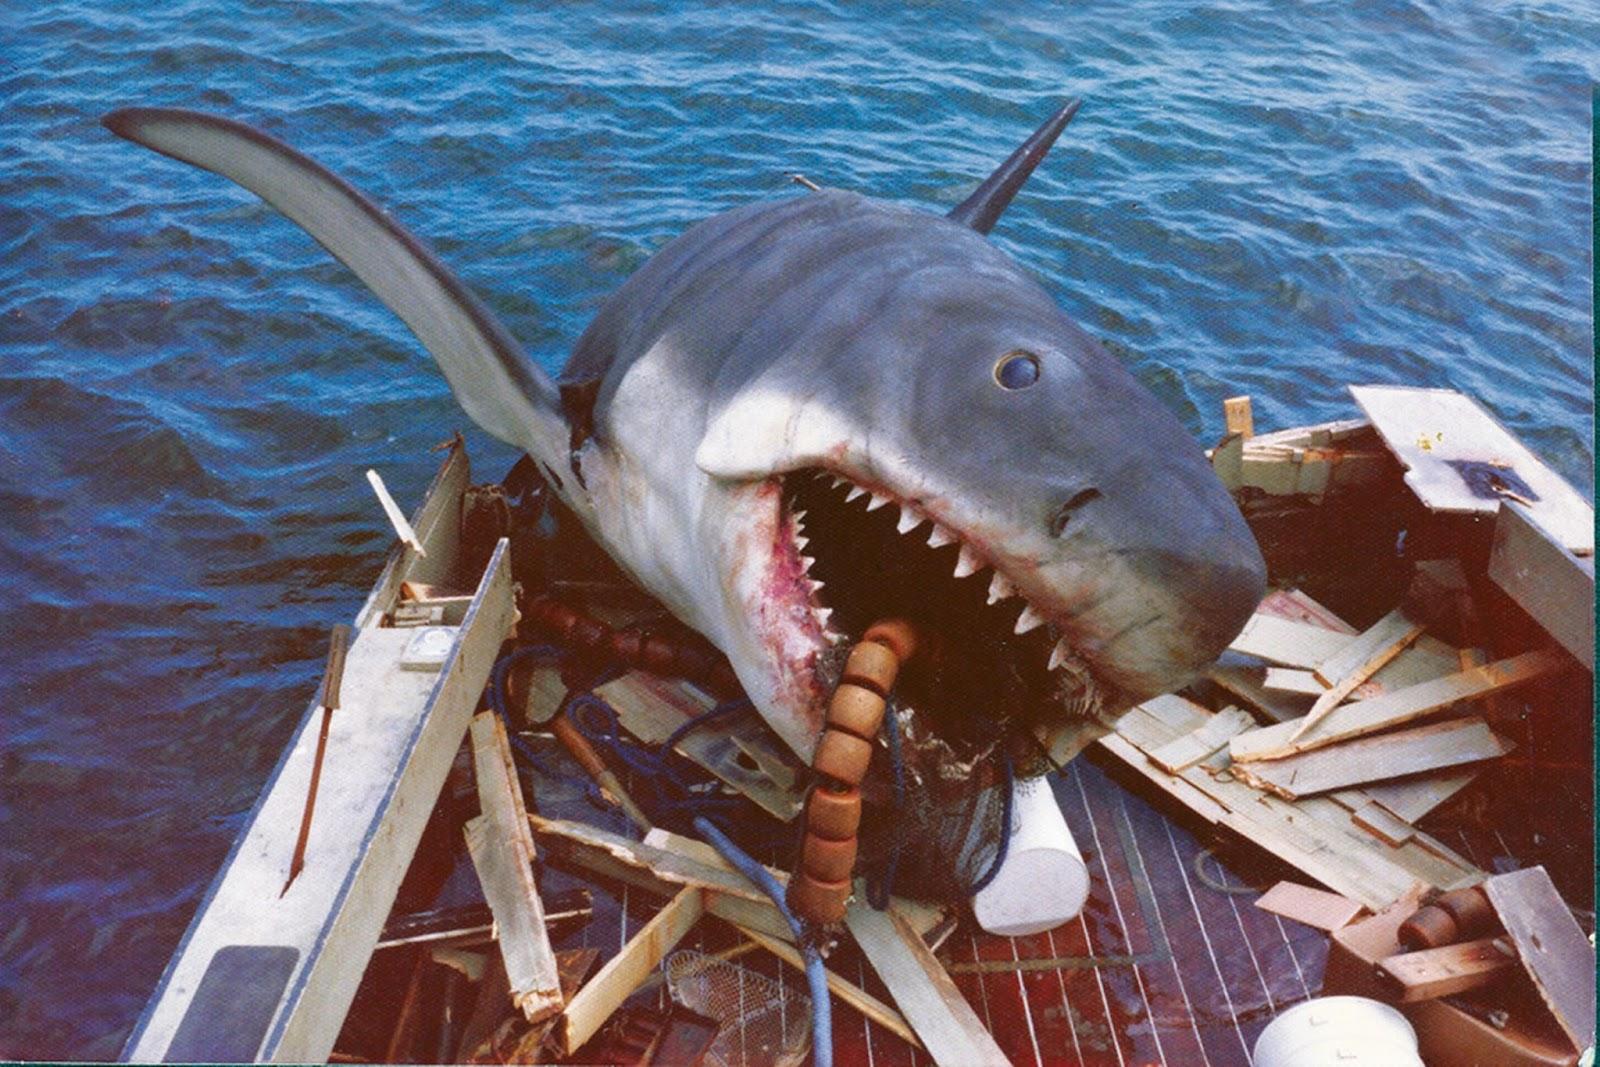 Jaws+-+Behind+the+scenes+photos+(4).jpg